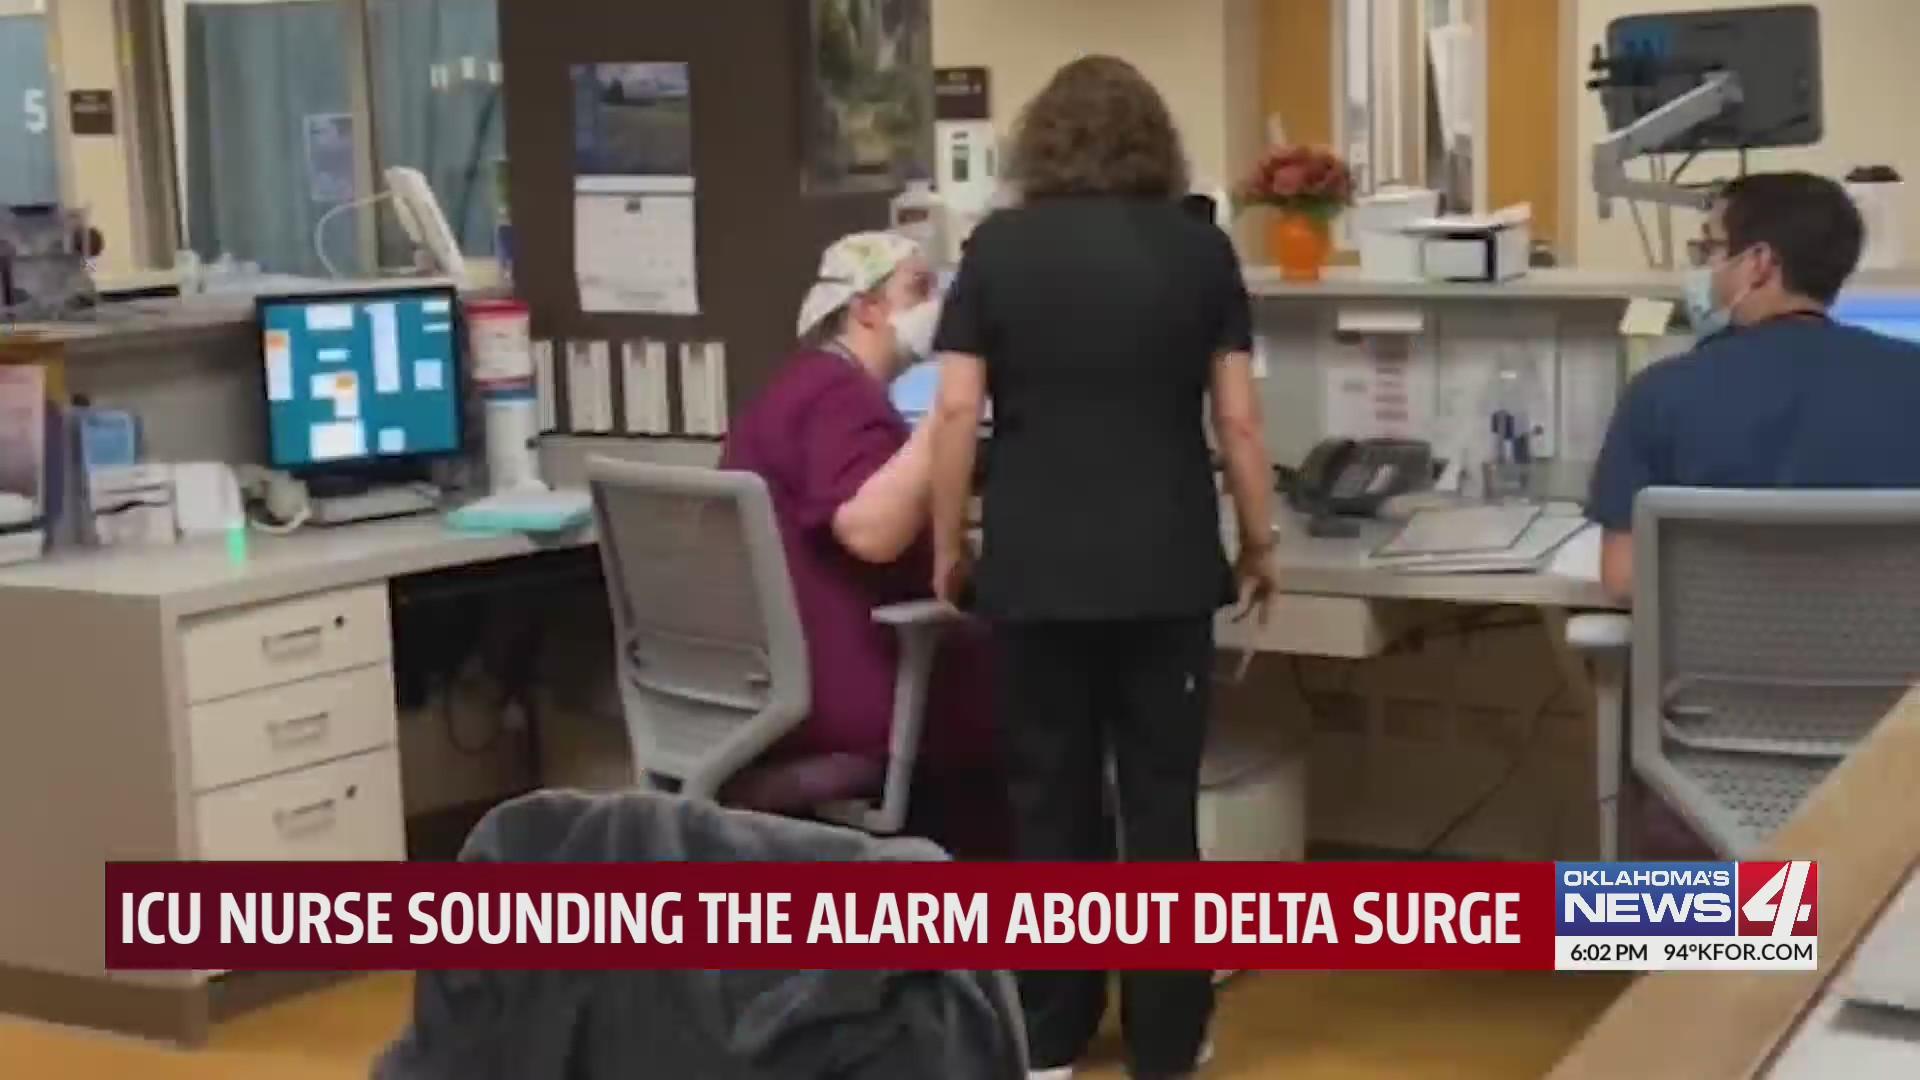 Three nurses talk amongst themselves at nurses' station